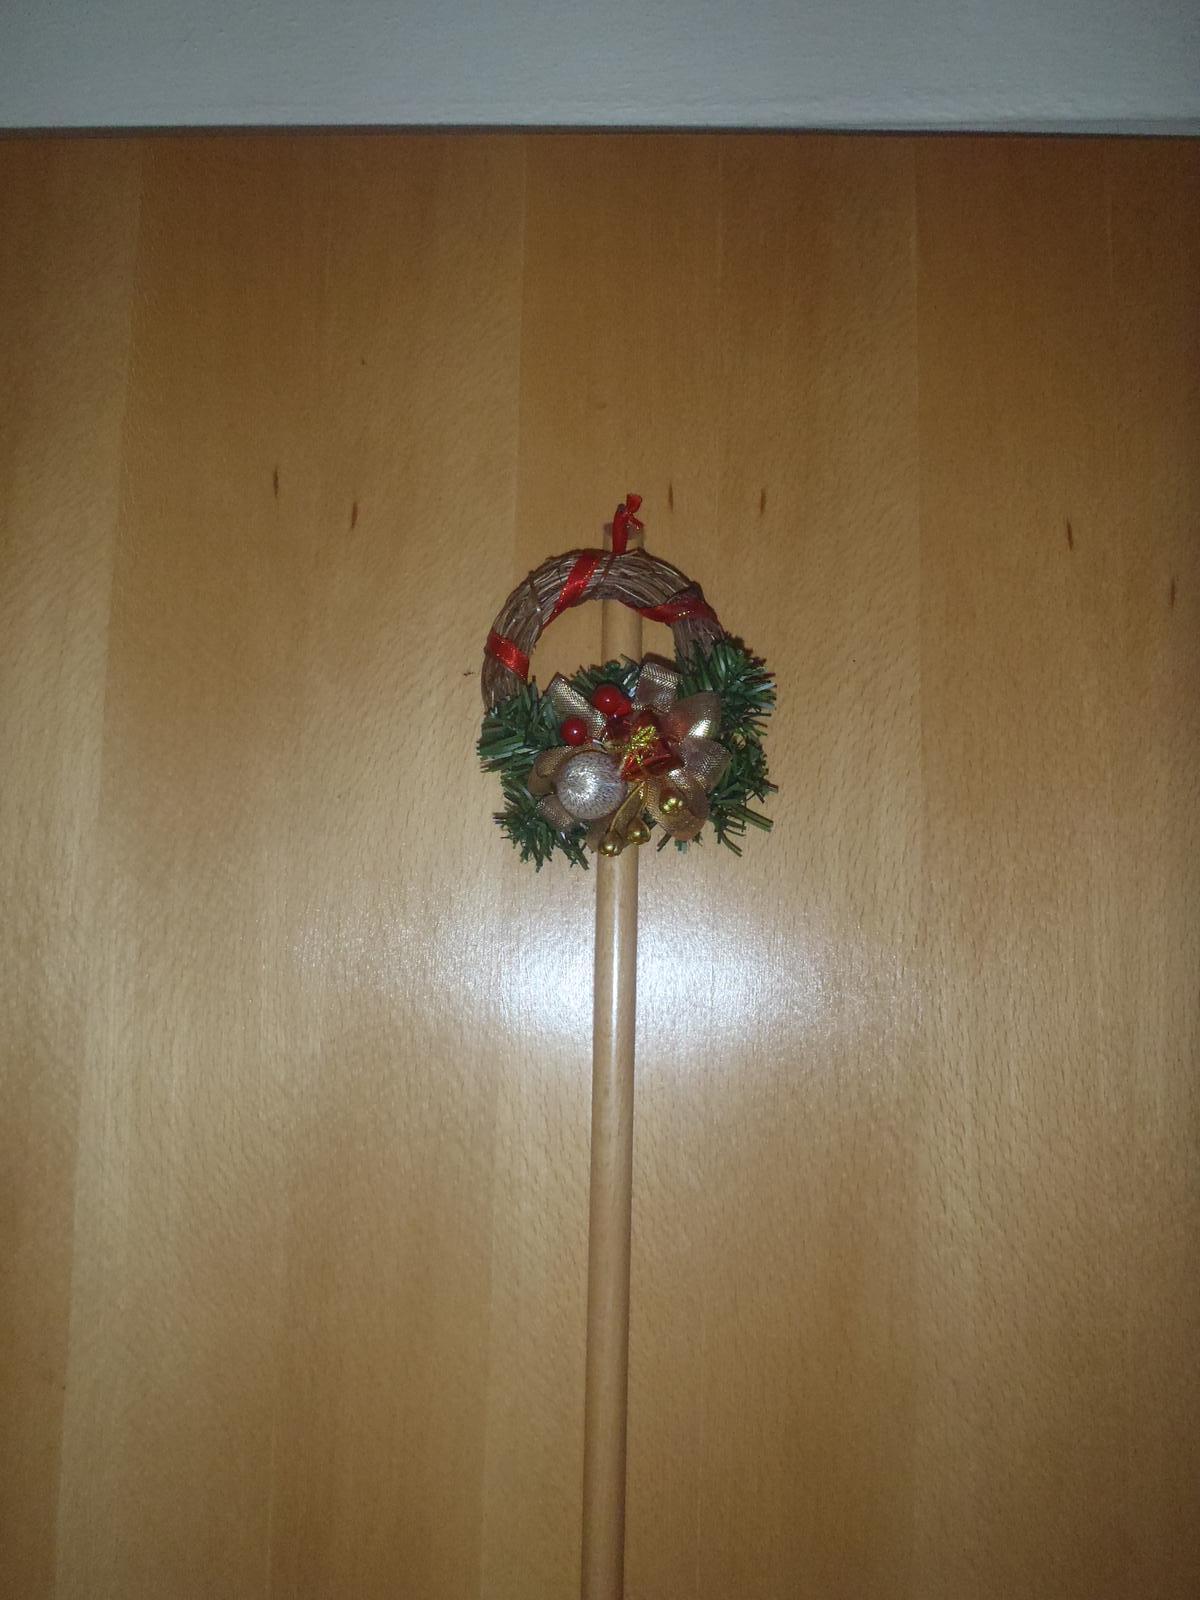 Vánoce 2012 - věneček na dveře u nás doma